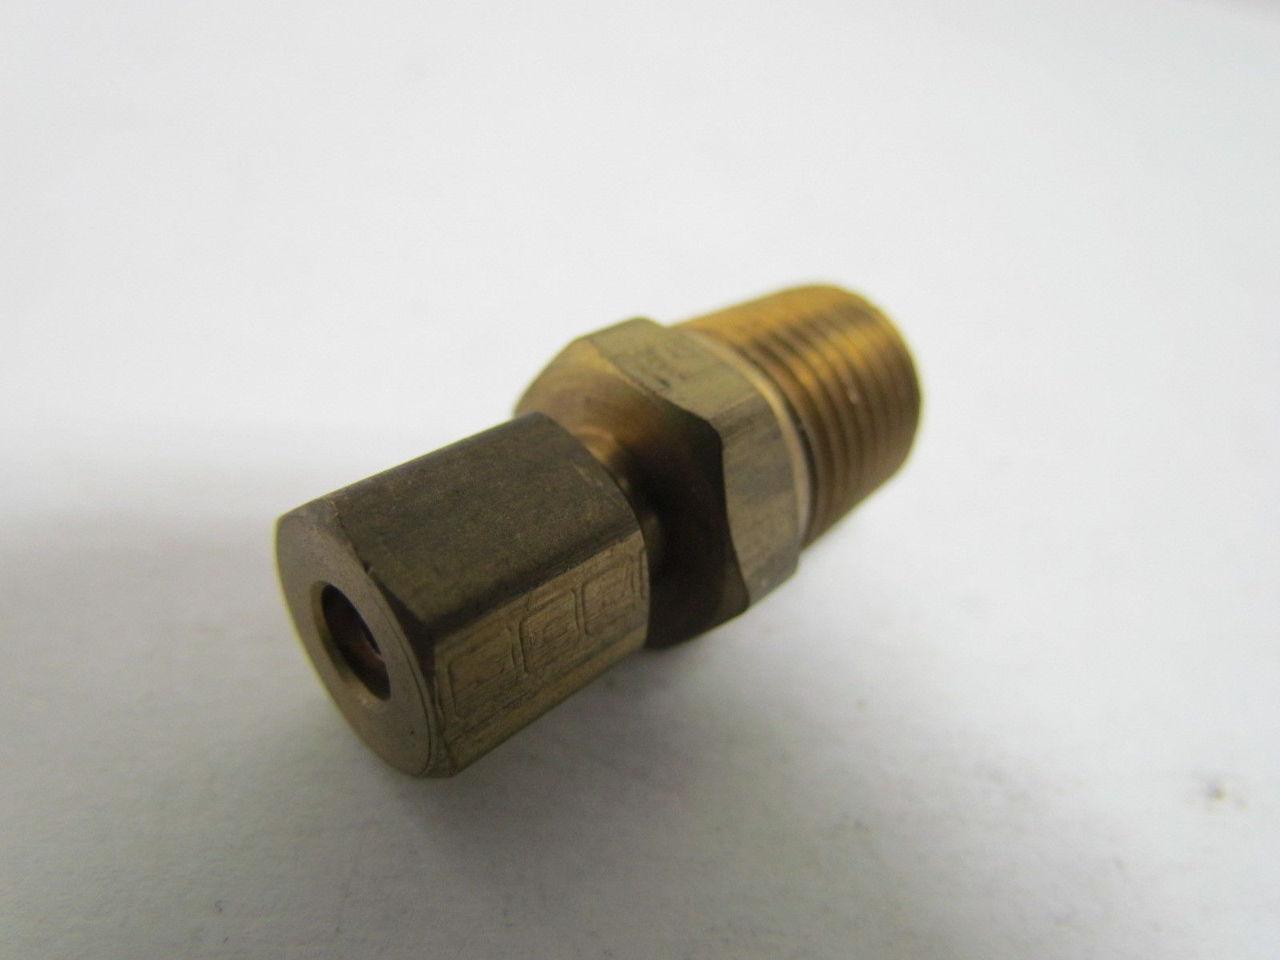 Parker triple lok c quot male connector brass